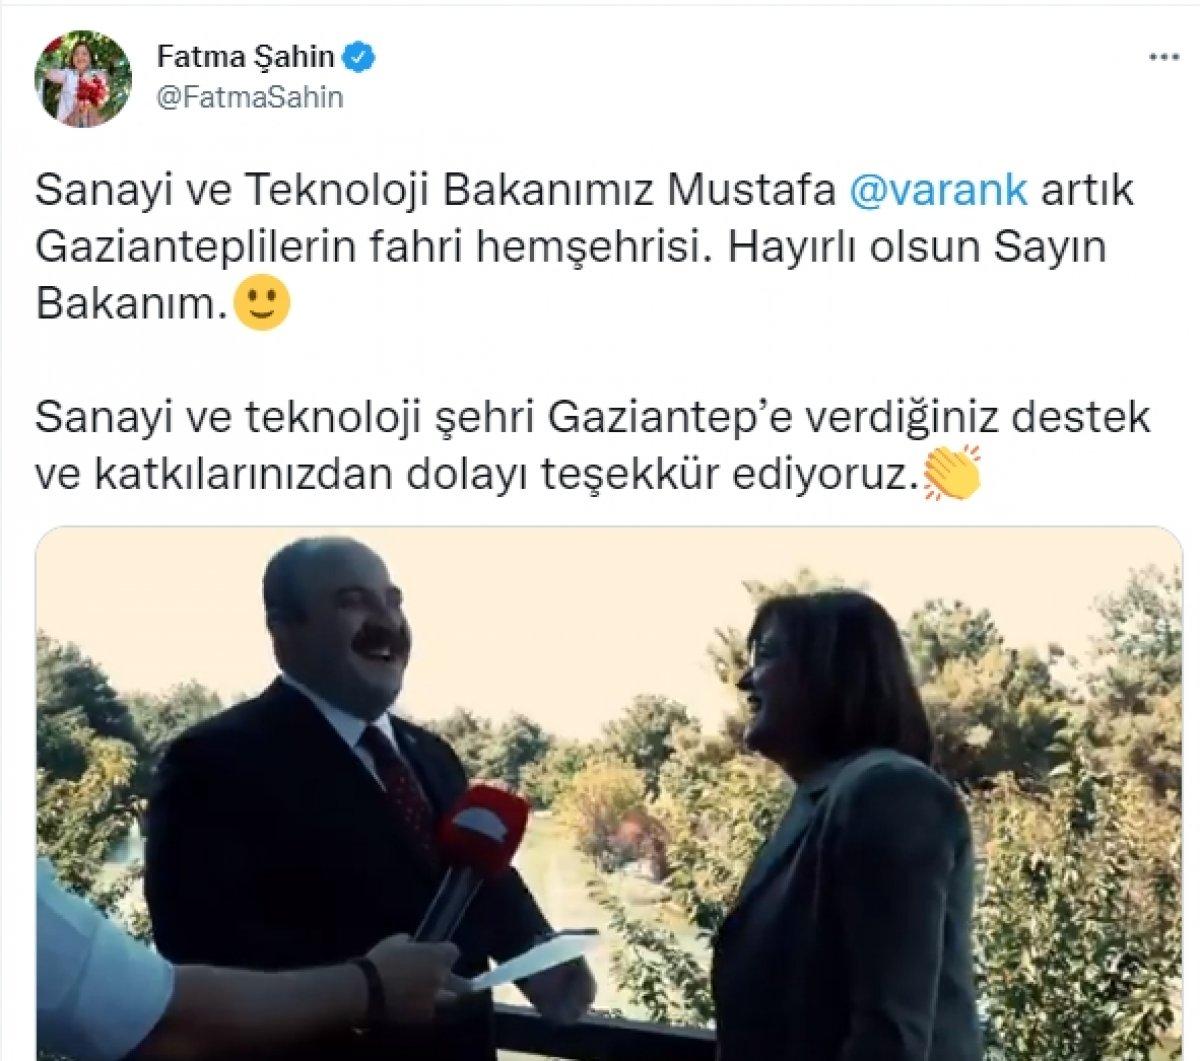 Mustafa Varank ile Fatma Şahin arasında esprili sohbet #3